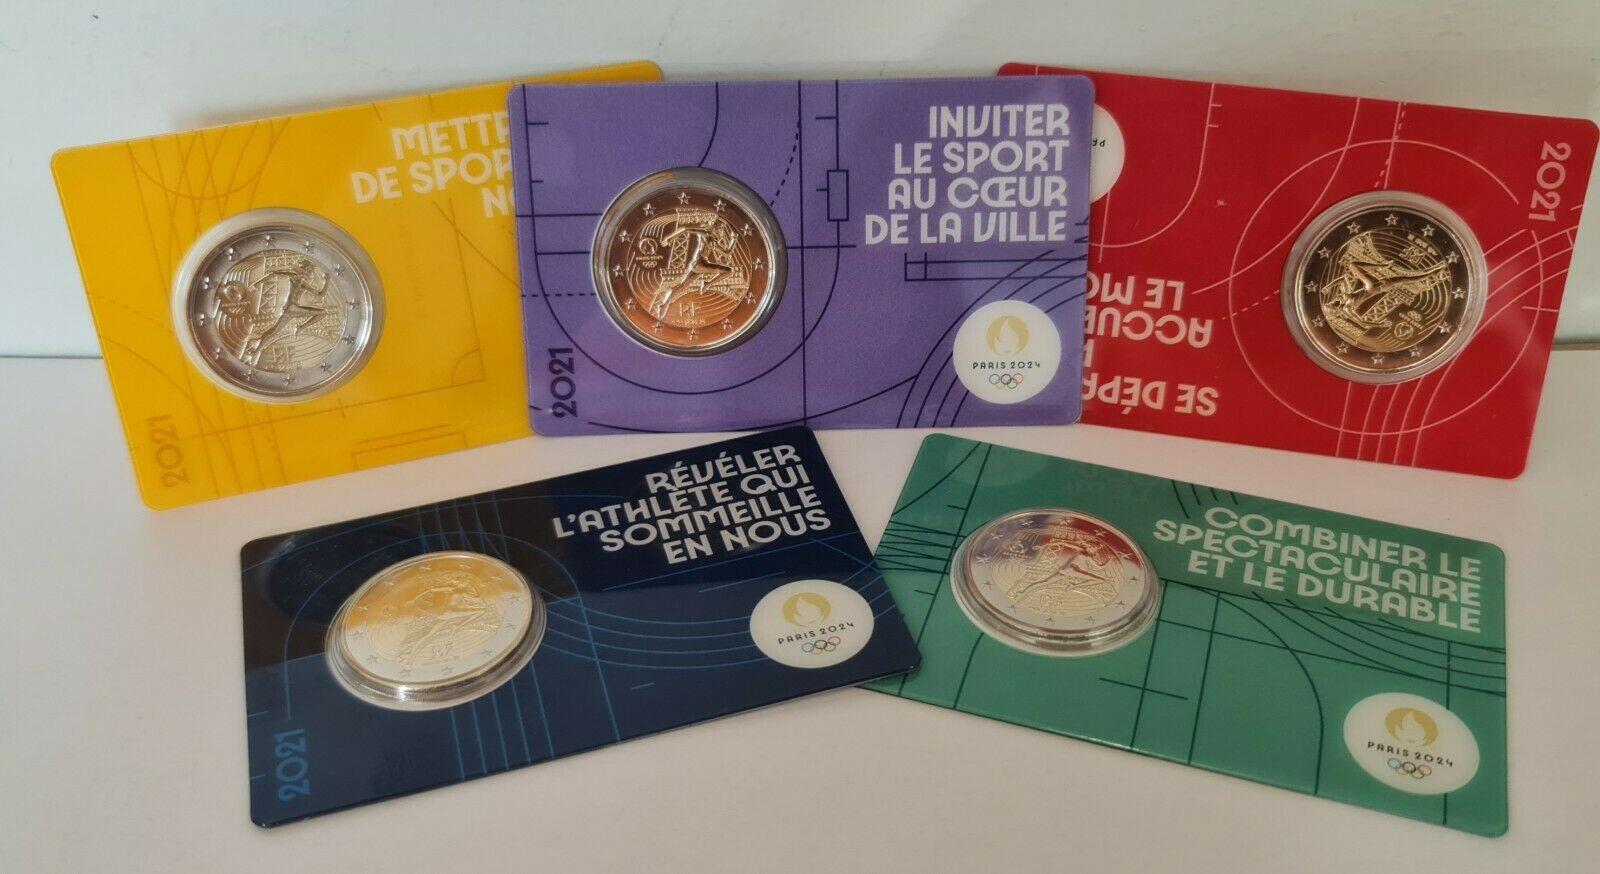 Франция 2 евро 2021 г. Летние Олимпийские игры 2024 в Париже ( комплект из пяти карточек)